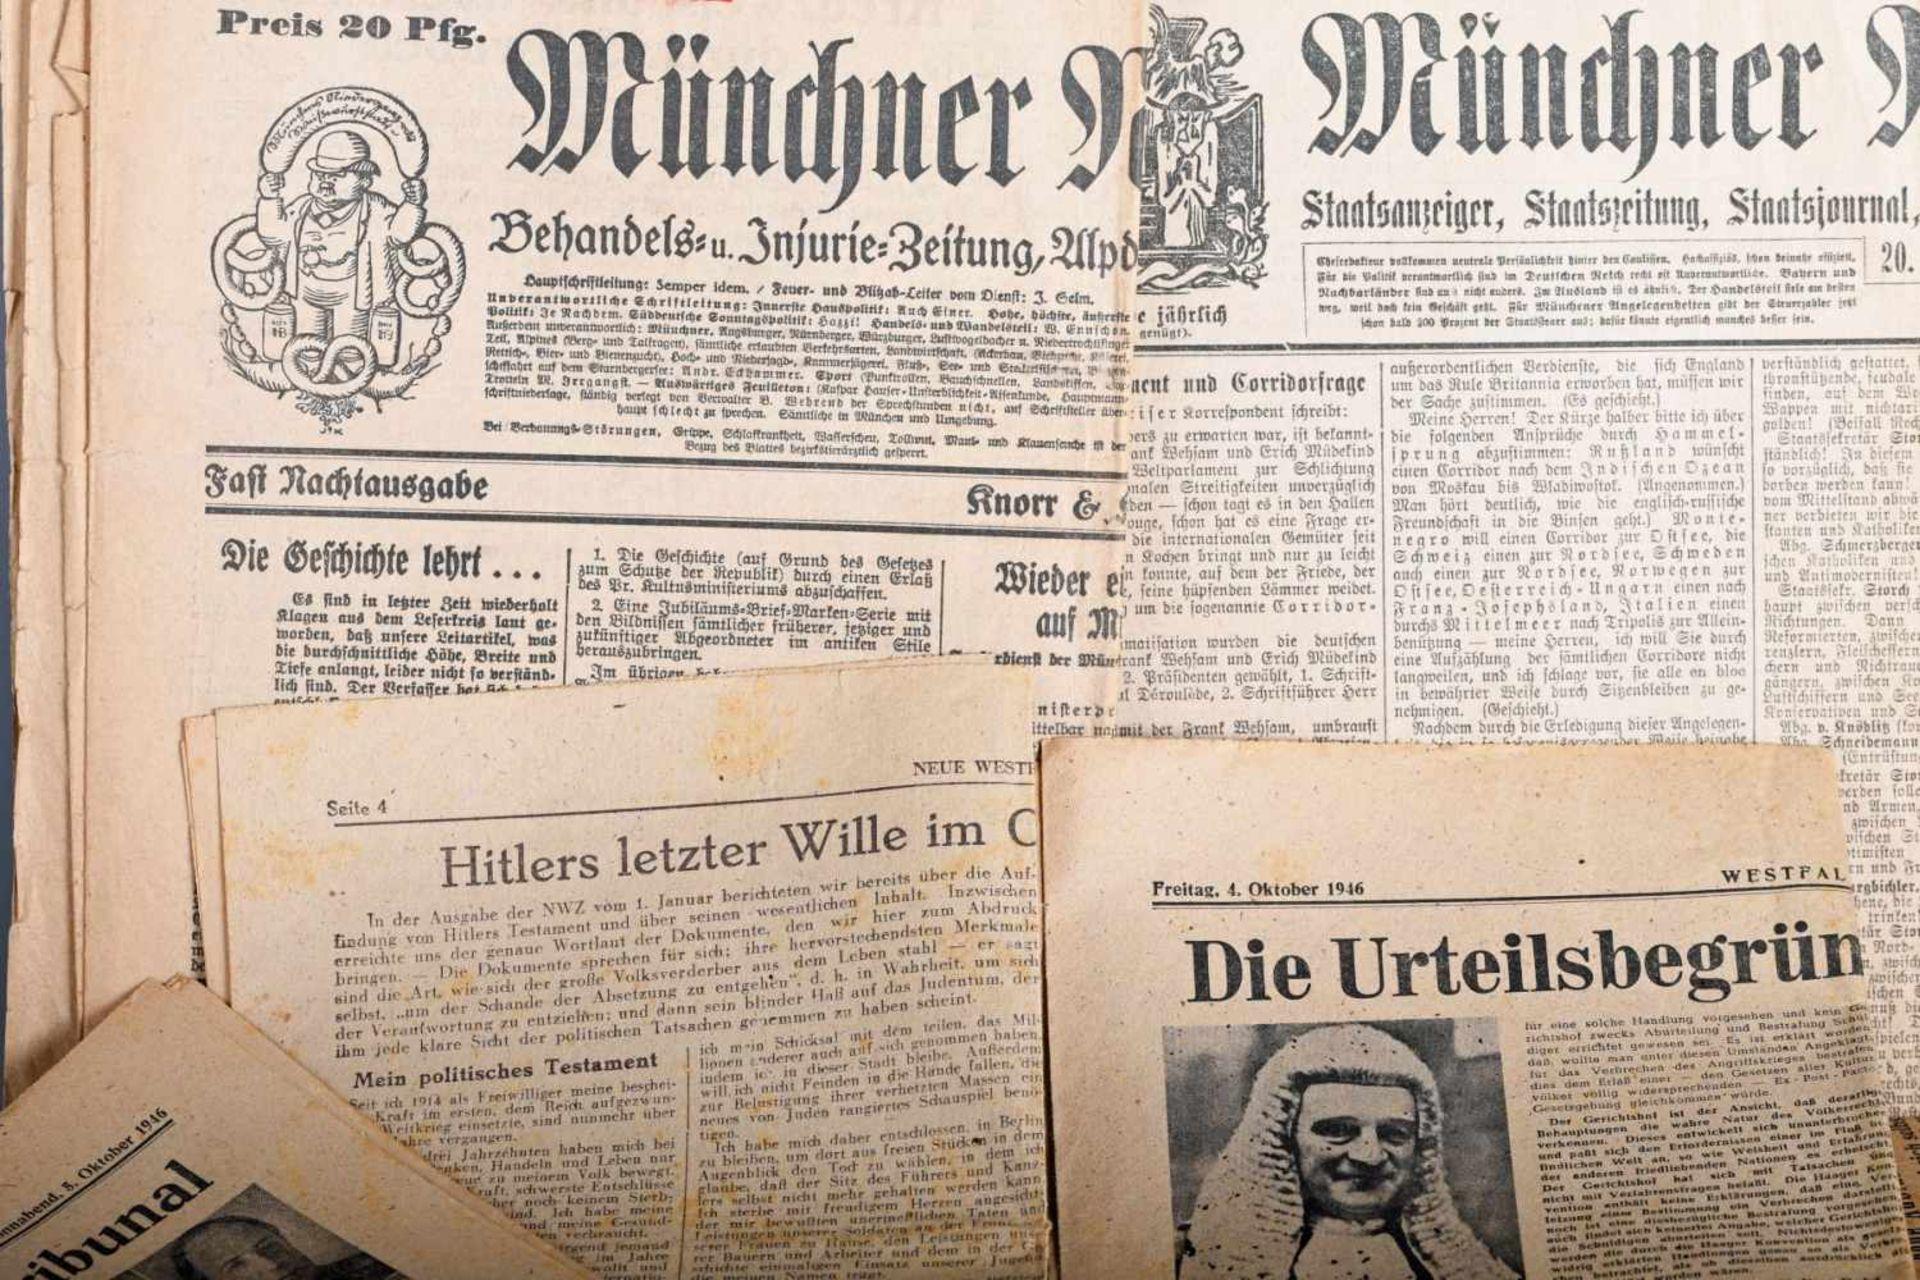 Münchner Neueste Nachrichten und weitere historische TageszeitungenZeitgeschichtlich interessante